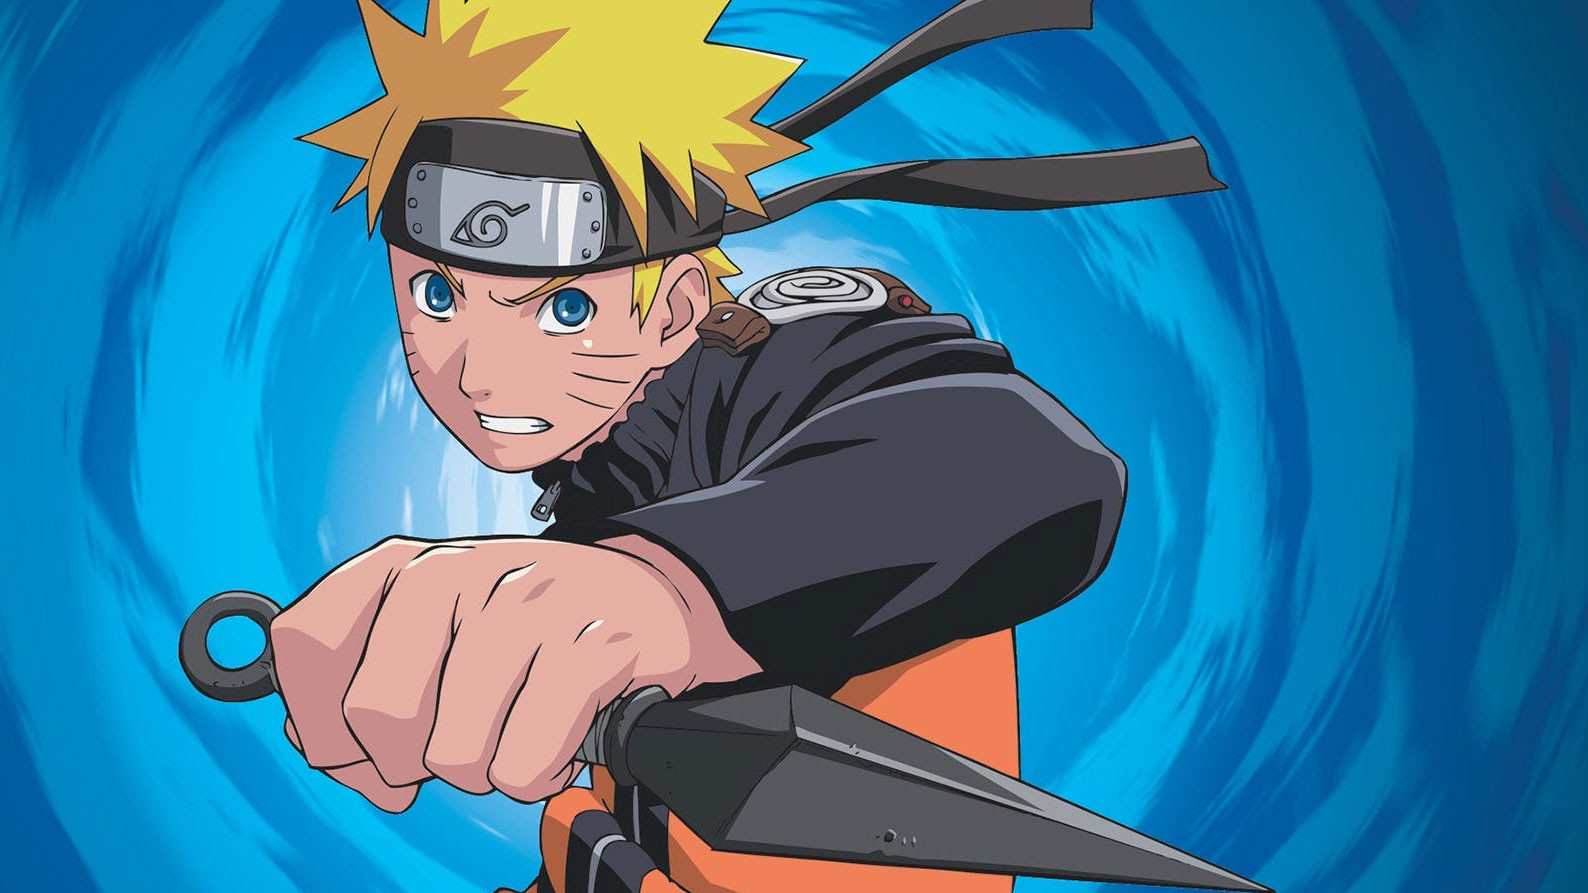 Quel personnage de Naruto es-tu ?